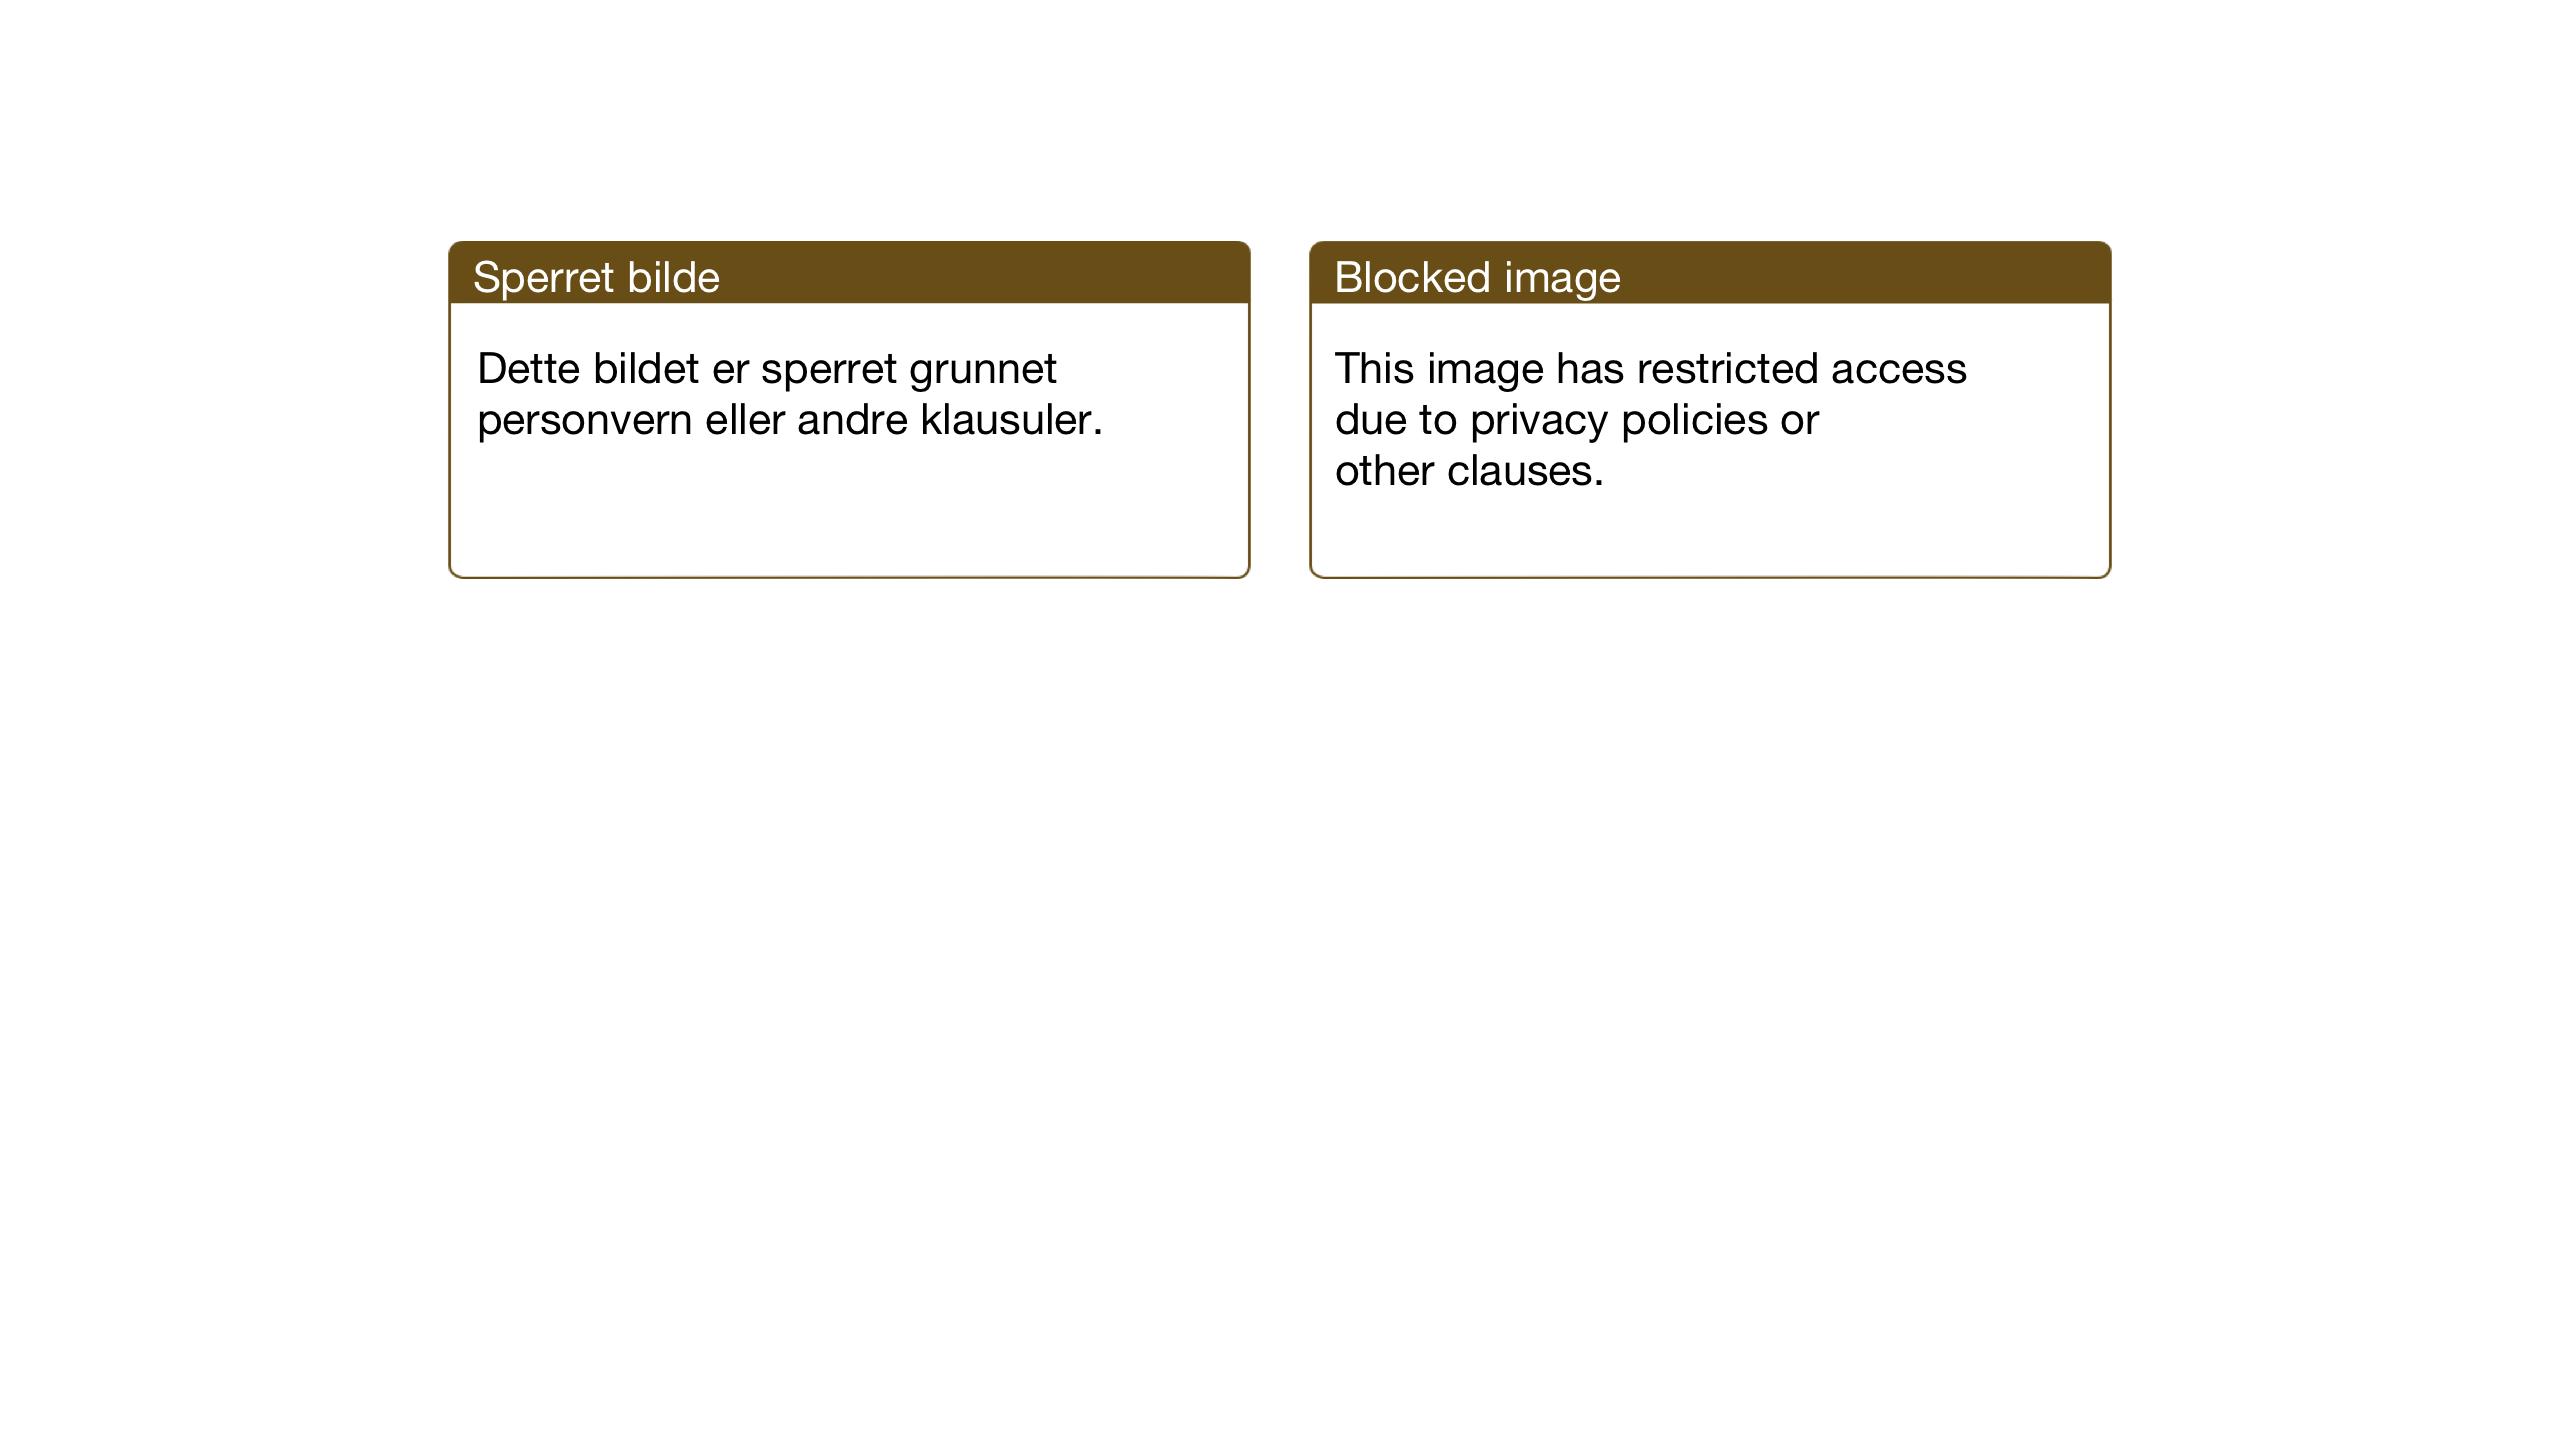 SAT, Ministerialprotokoller, klokkerbøker og fødselsregistre - Sør-Trøndelag, 638/L0569: Klokkerbok nr. 638C01, 1923-1961, s. 88